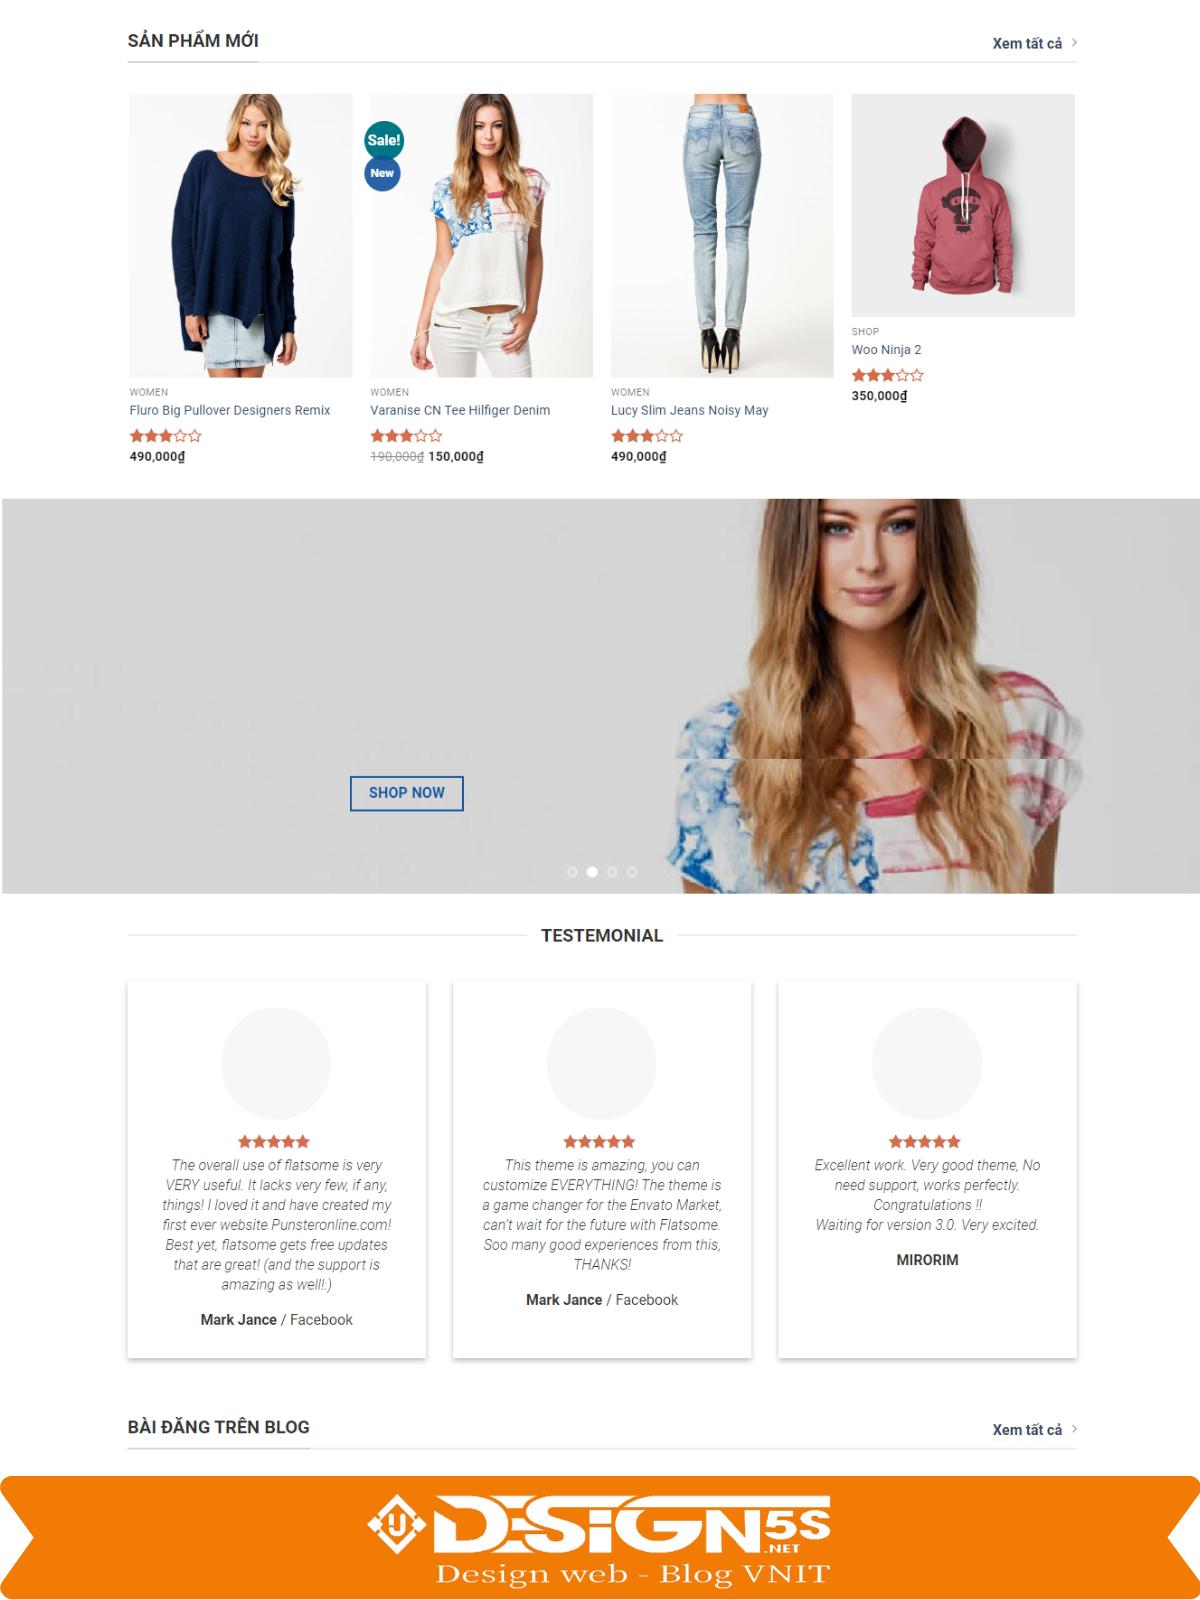 Mẫu Website bán hàng Flatsome Mega Shop  - Ảnh 2